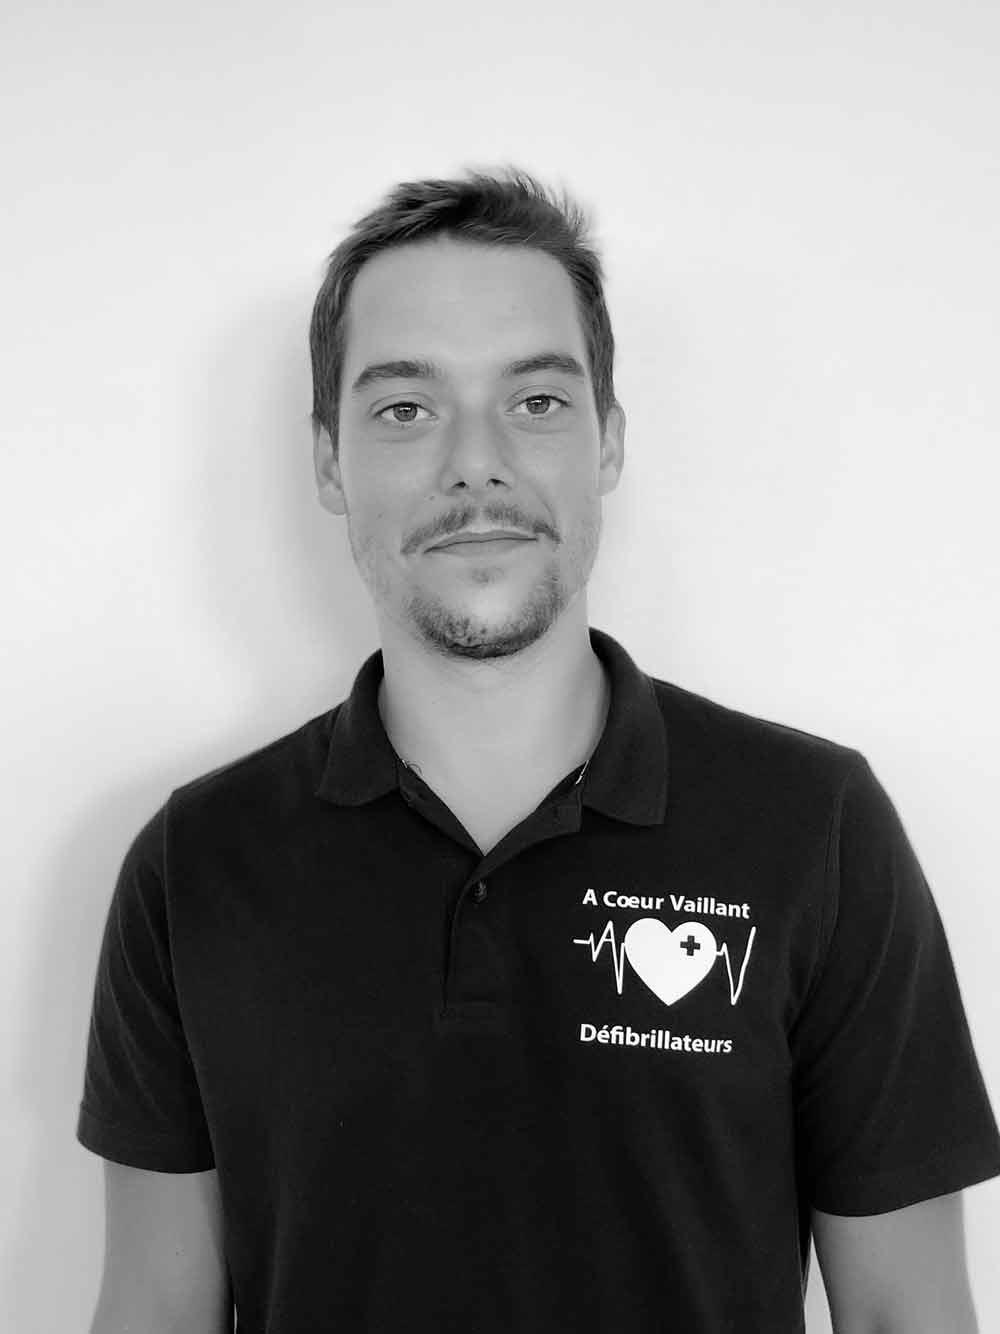 PierreJean A Coeur Vaillant defibrillateurs